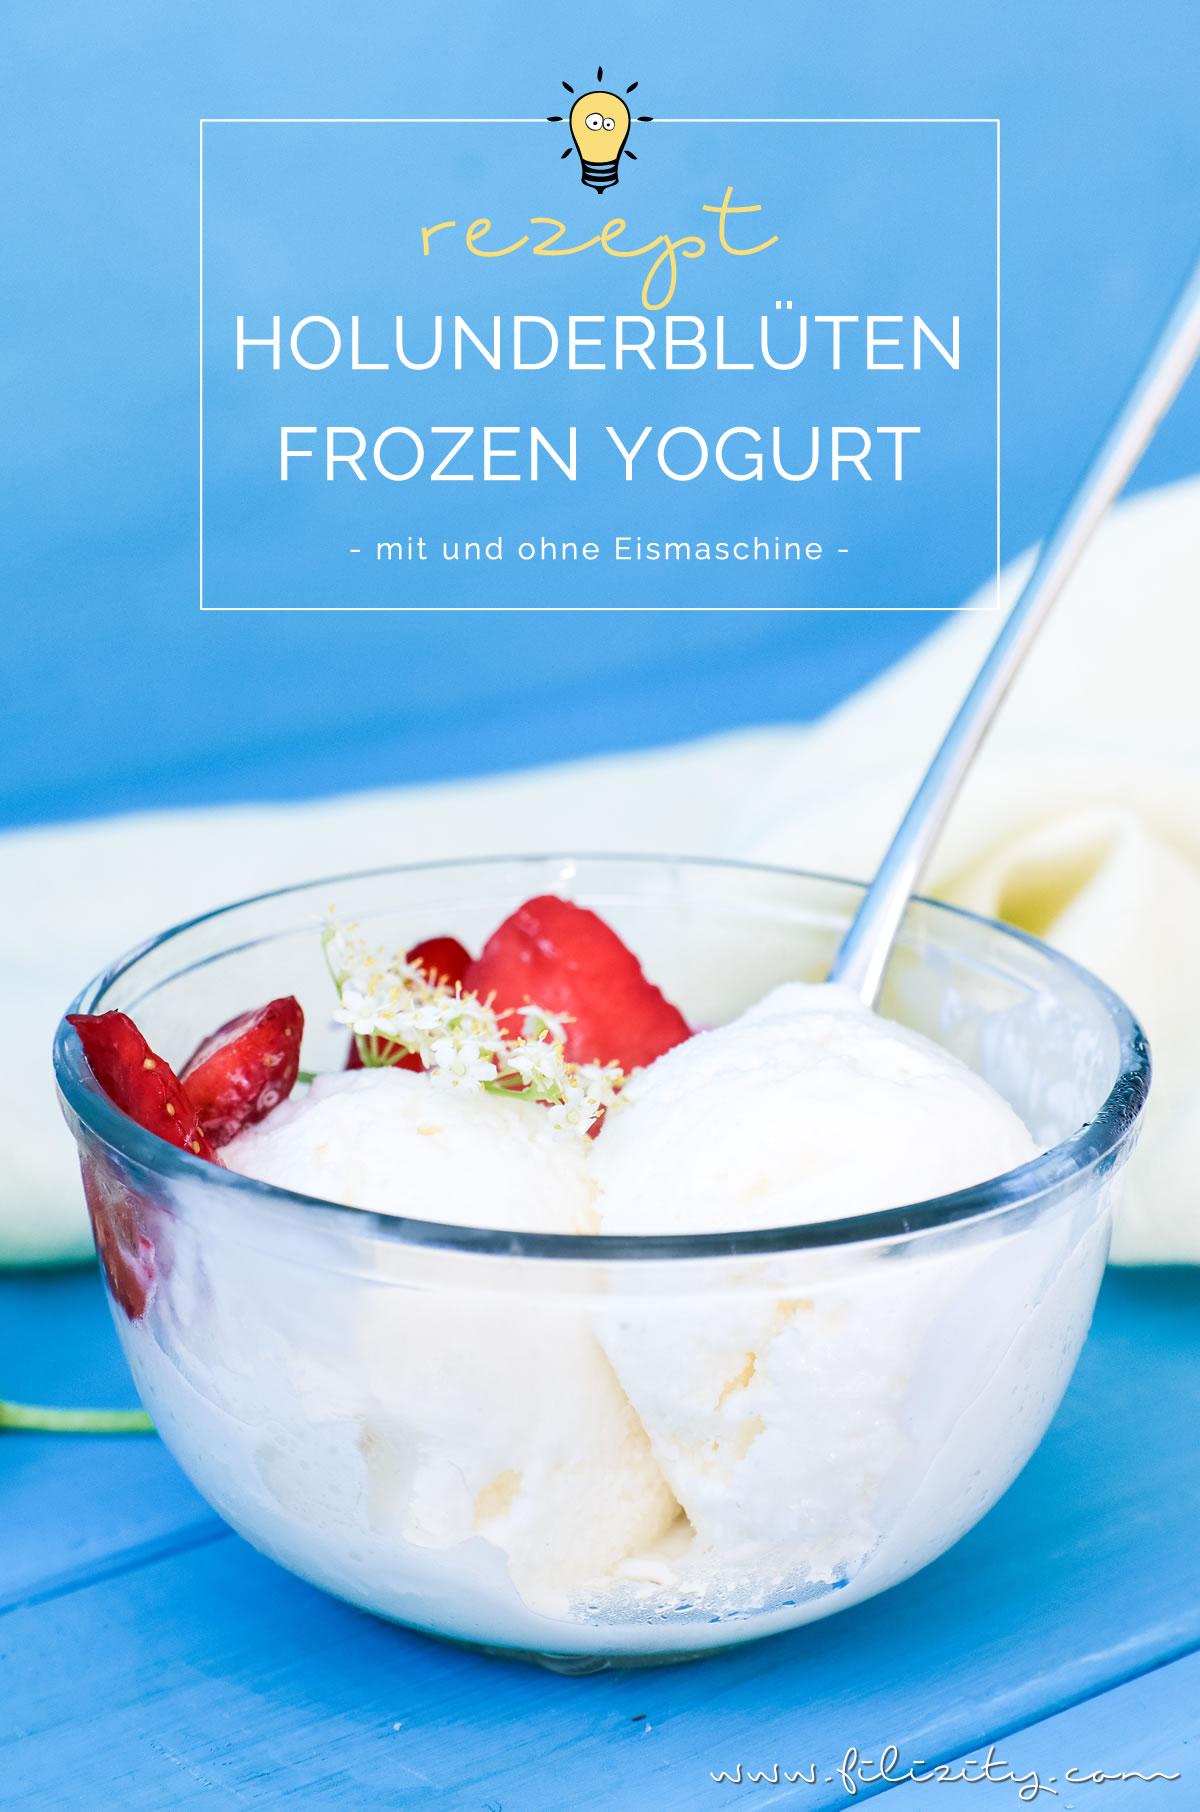 Holunderblüten Frozen Yogurt selber machen   Holler Frozen Yoghurt Rezept mit und ohne Eismaschine   Filizity.com   Food-Blog aus dem Rheinland #ice #frozenyoghurt #sommer